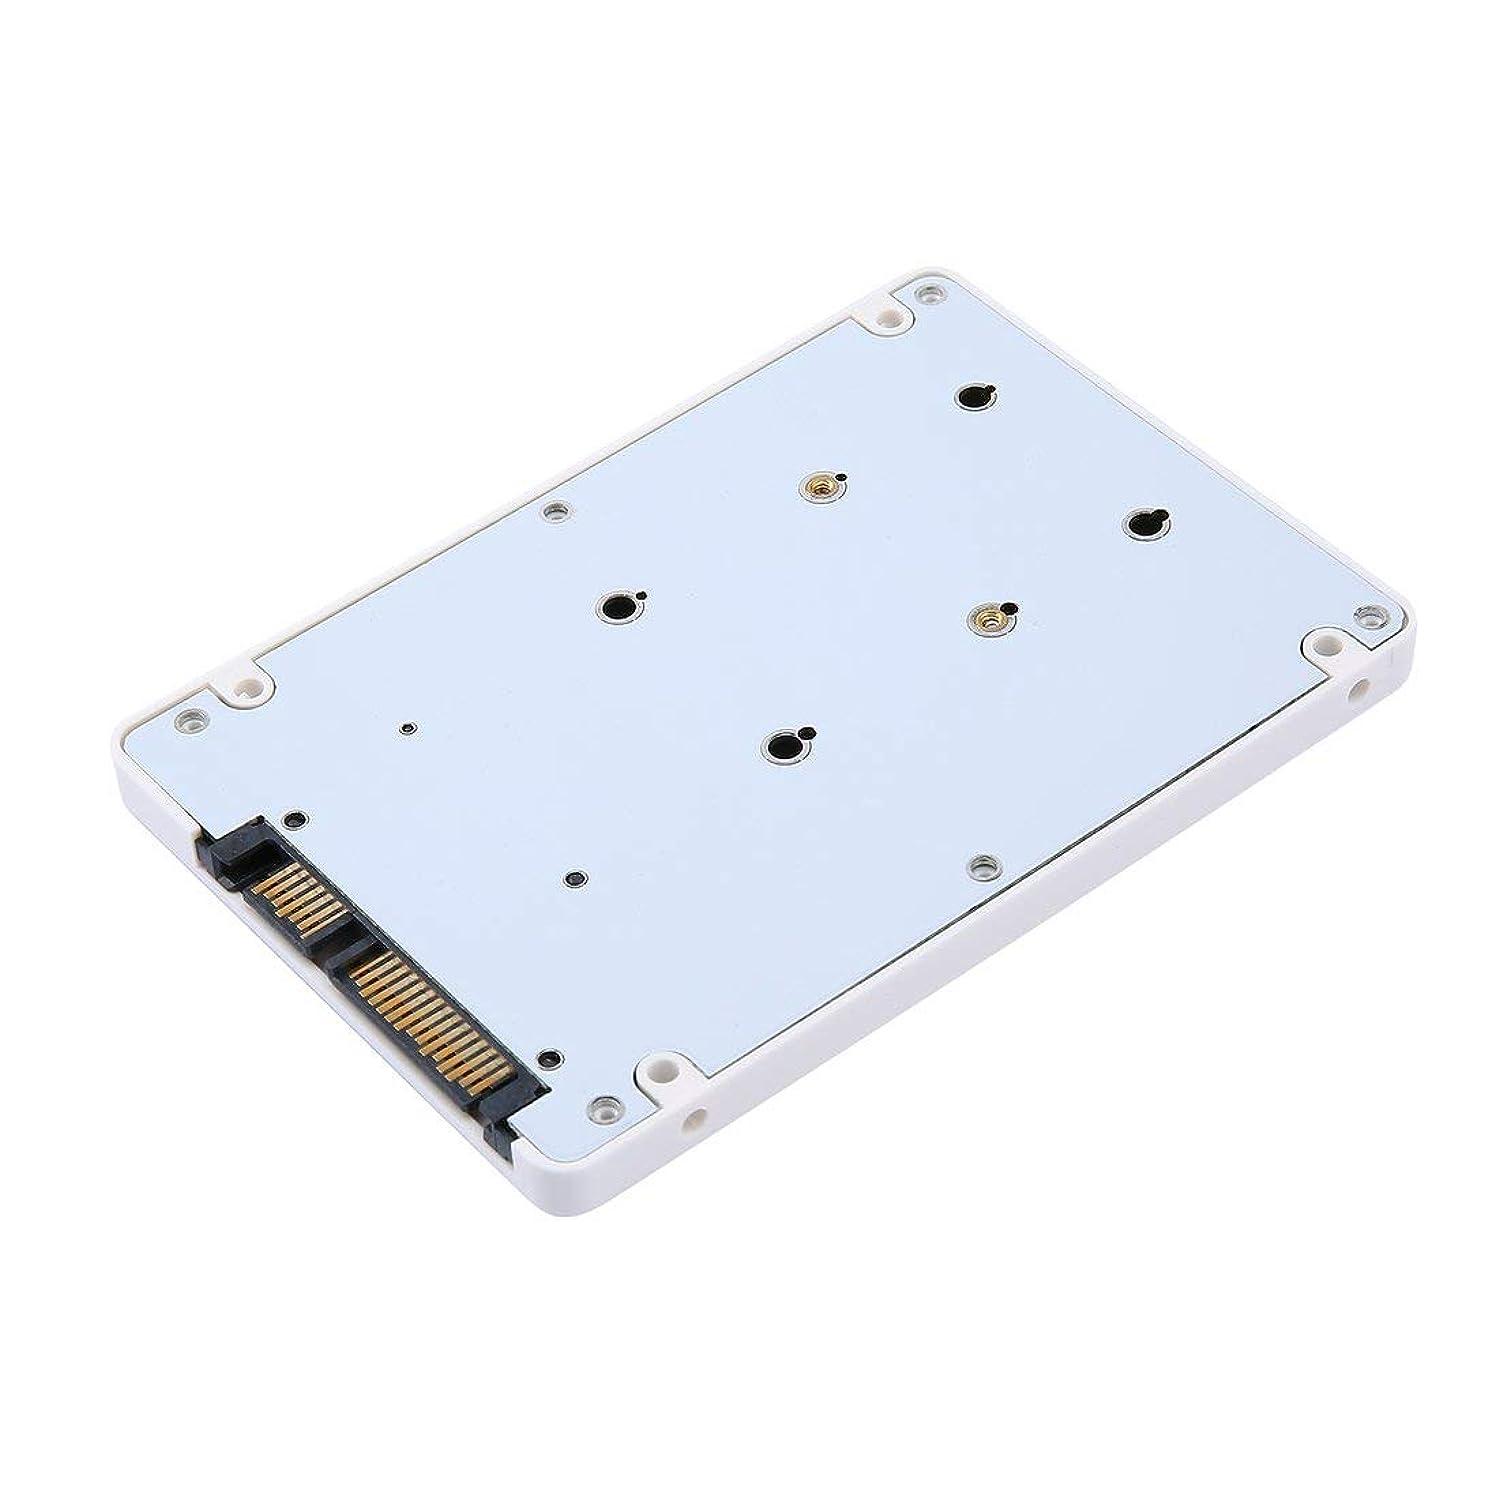 緊急配列褐色ポータブル ミニ HDD 効率的 高速 ミニ 2.5インチ MSATA SSD - 22 ピン SATA SSD アダプターボックス 外付け HDD モバイルボックス - ホワイト